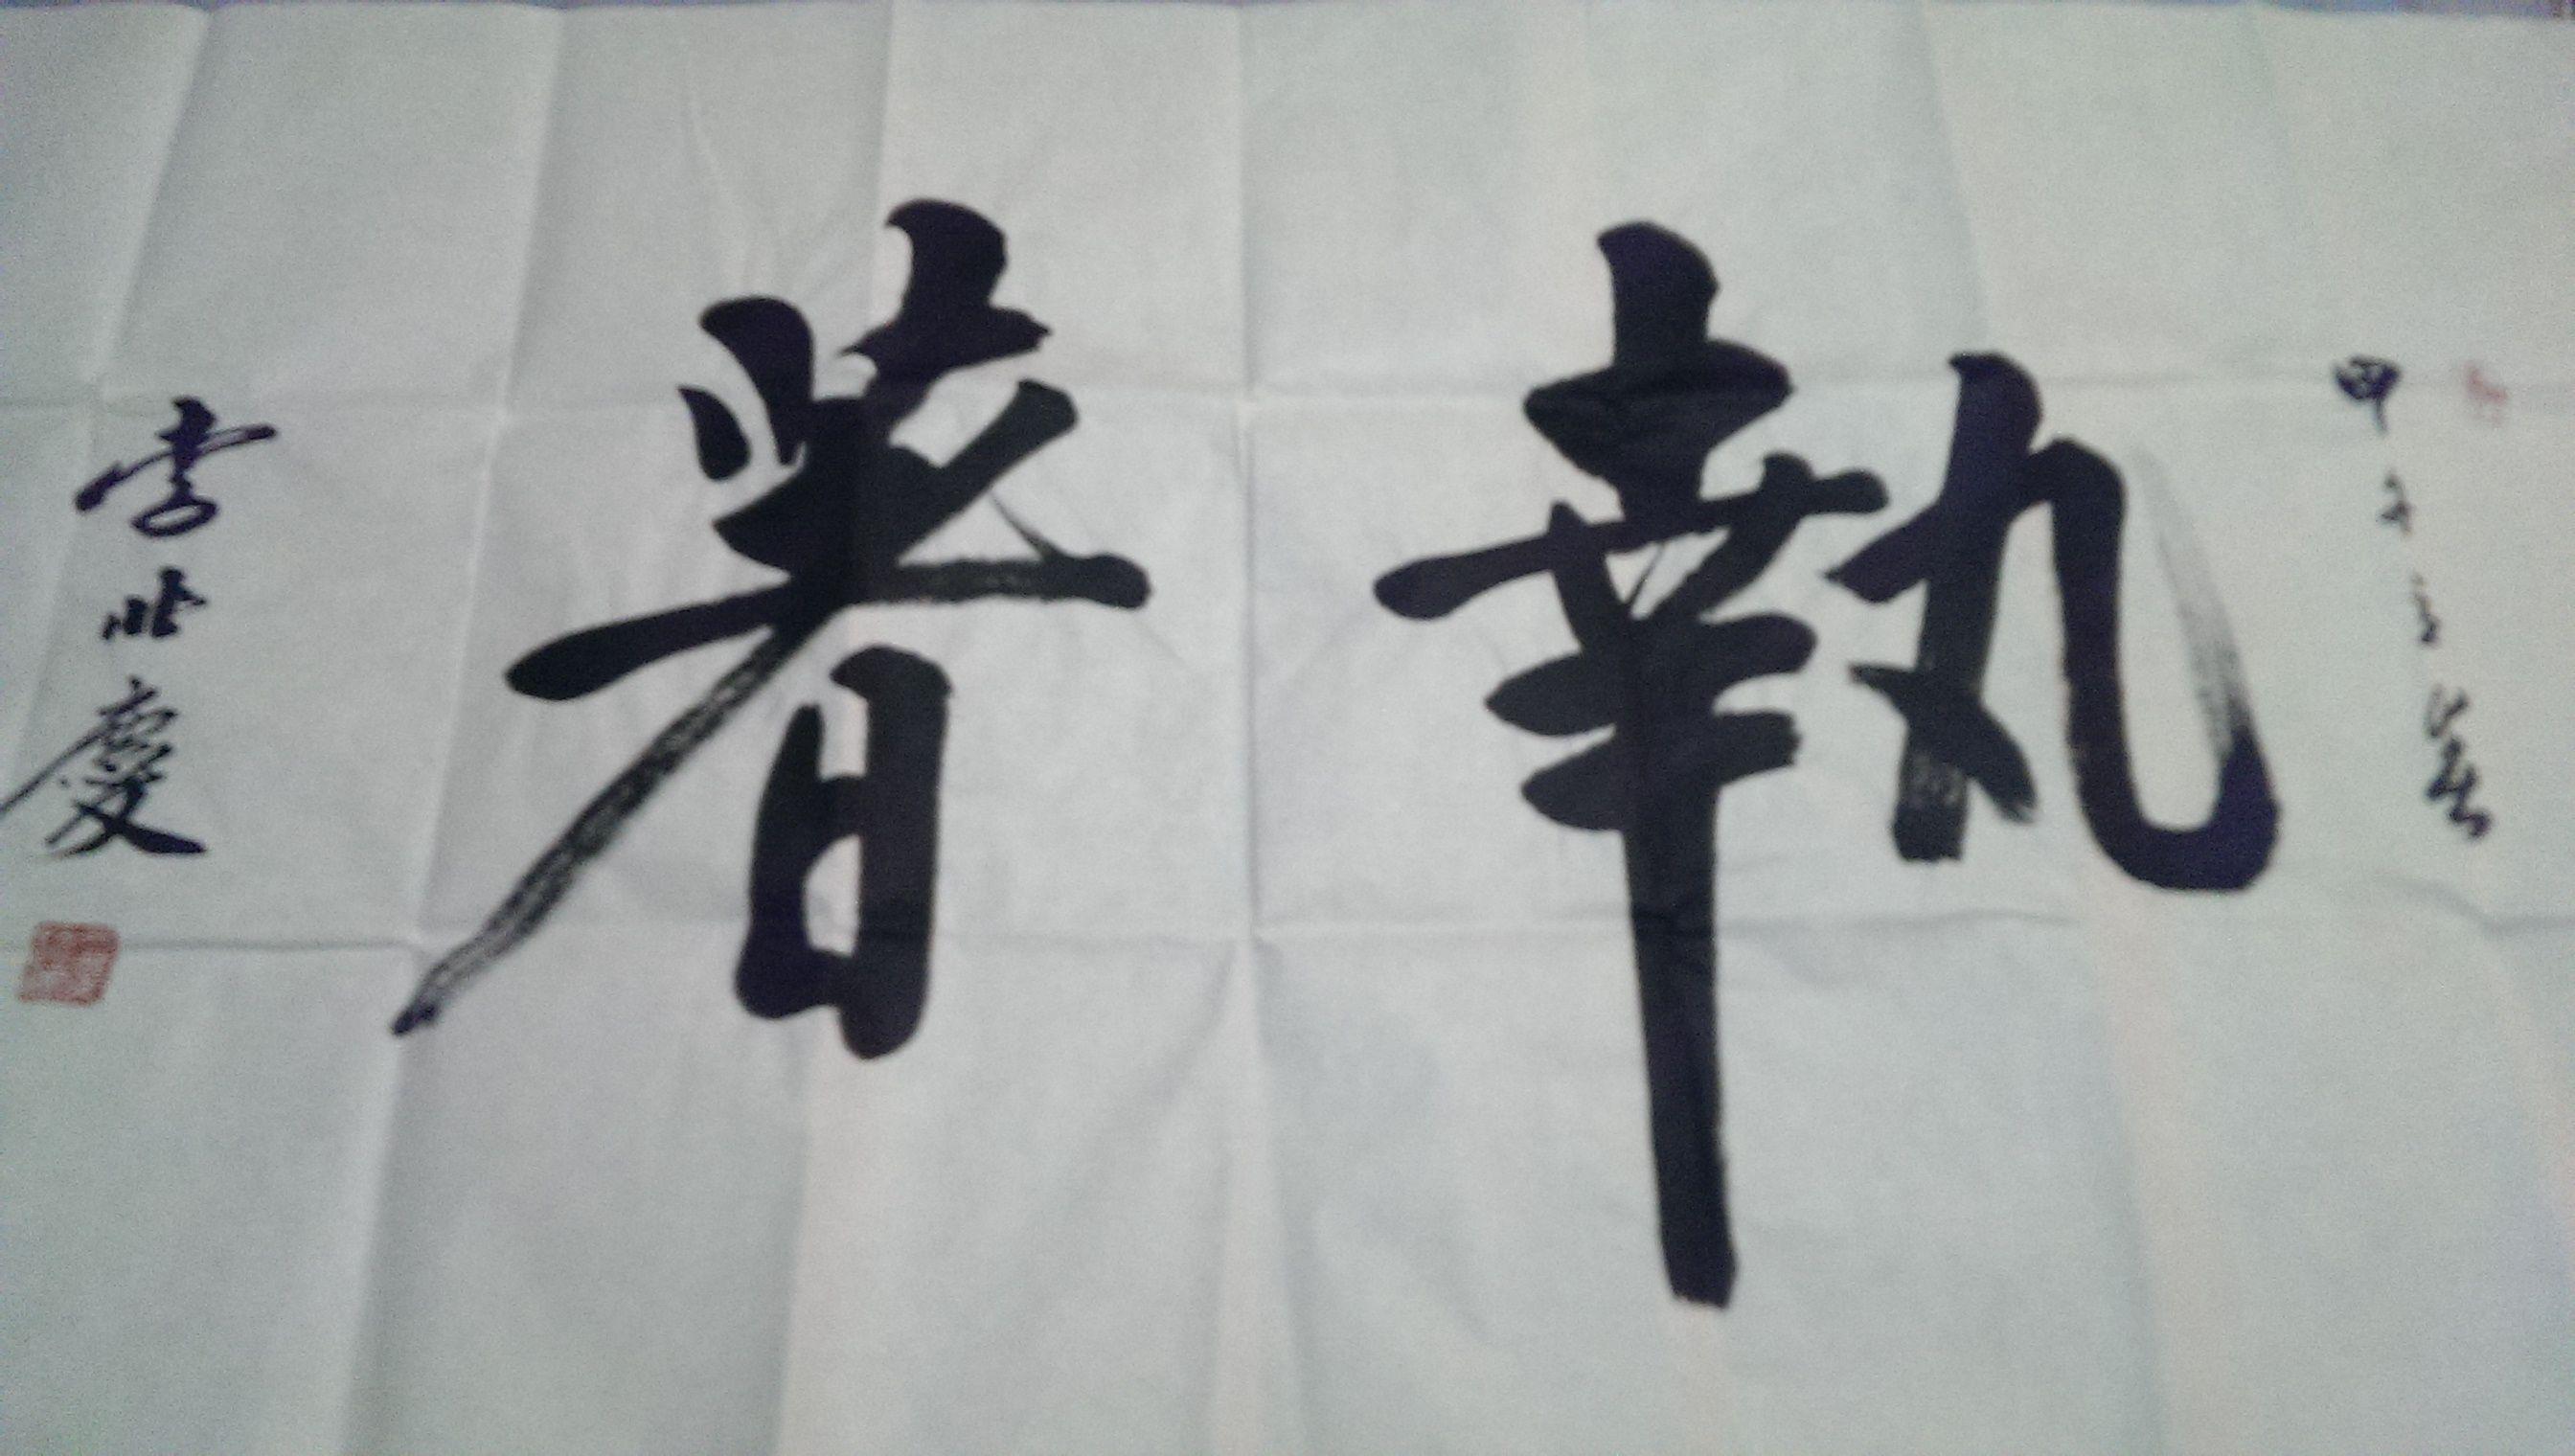 这个书法是我爷爷的,作者是李兆庆老师,中华国礼特约书画家,想询问一图片